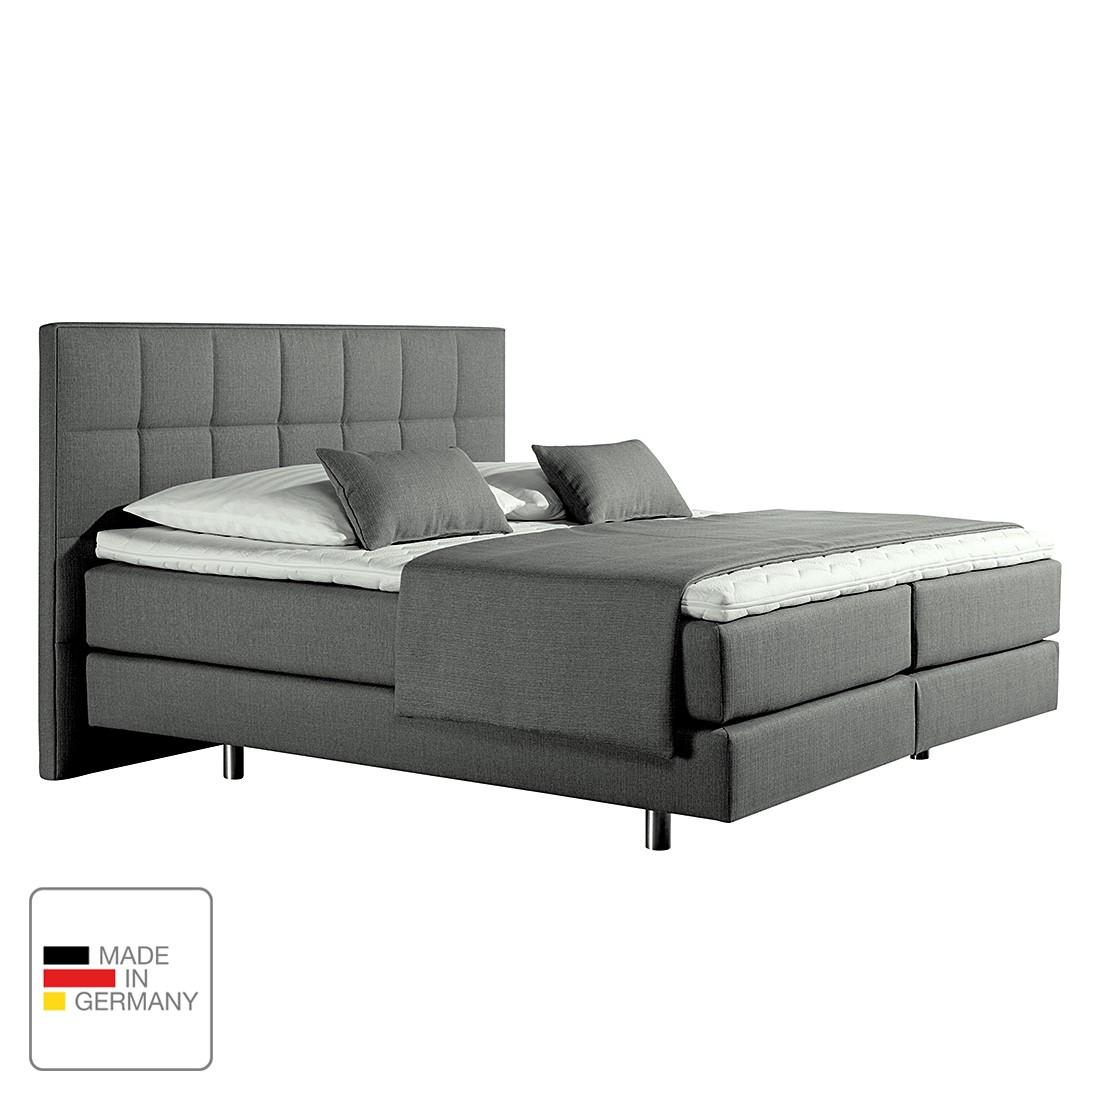 m bel und accessoires f rs schlafzimmer online kaufen. Black Bedroom Furniture Sets. Home Design Ideas